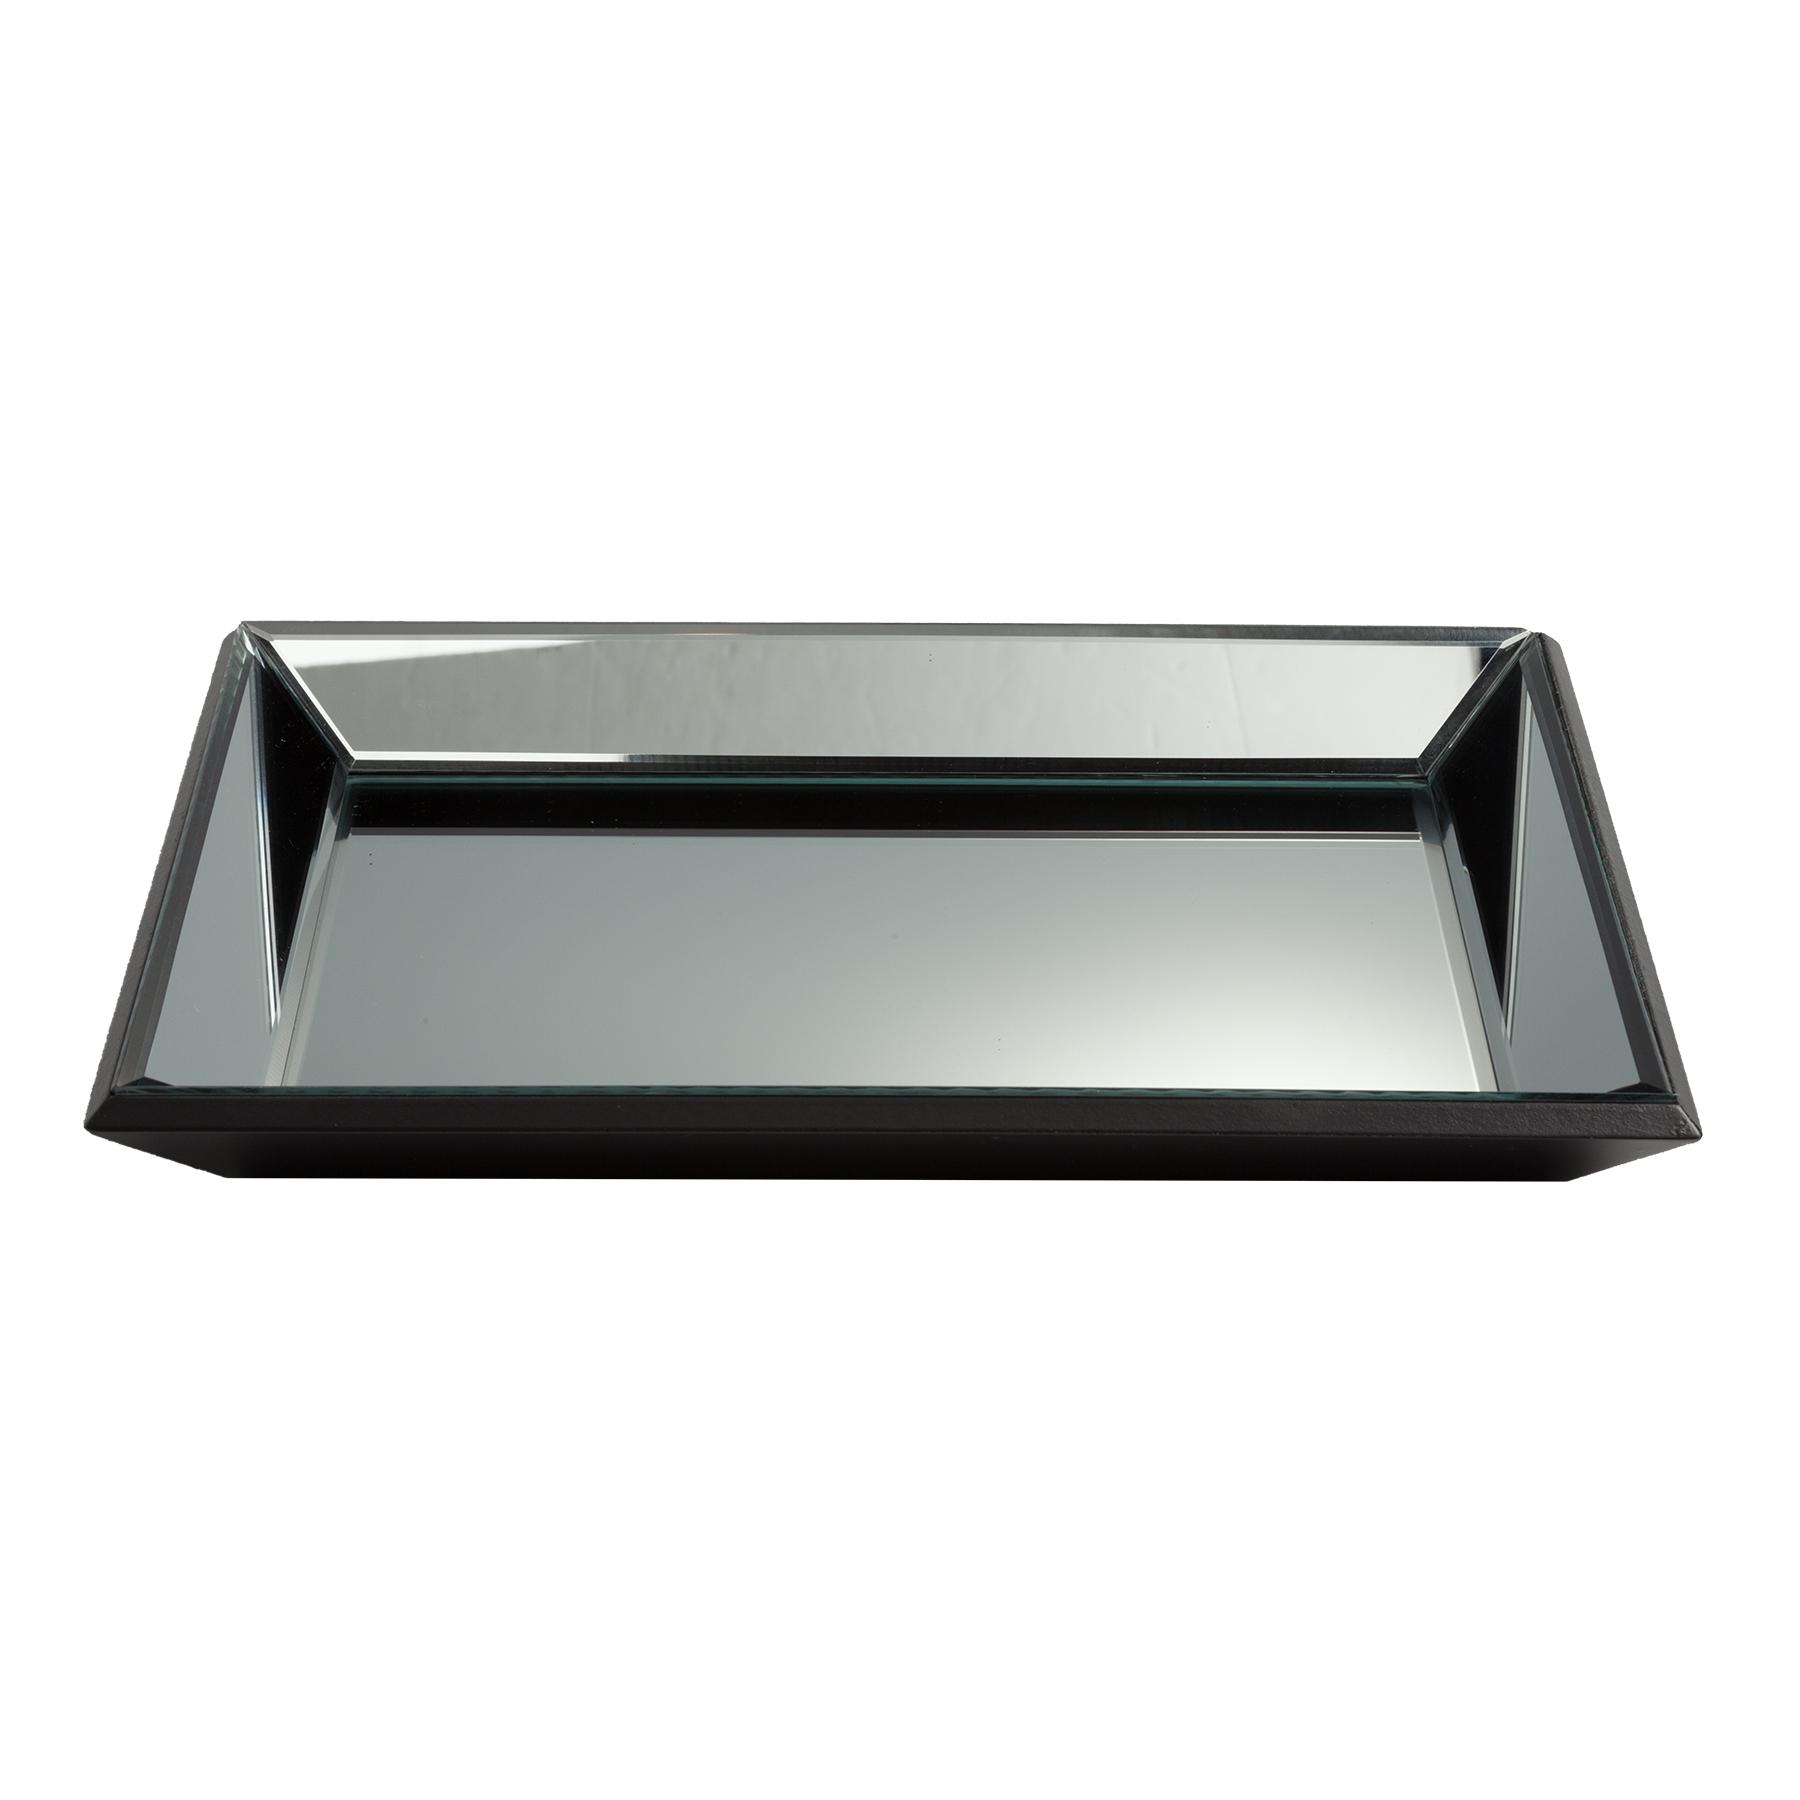 Купить Декоративный поднос Hedren серебряного цвета, inmyroom, Китай